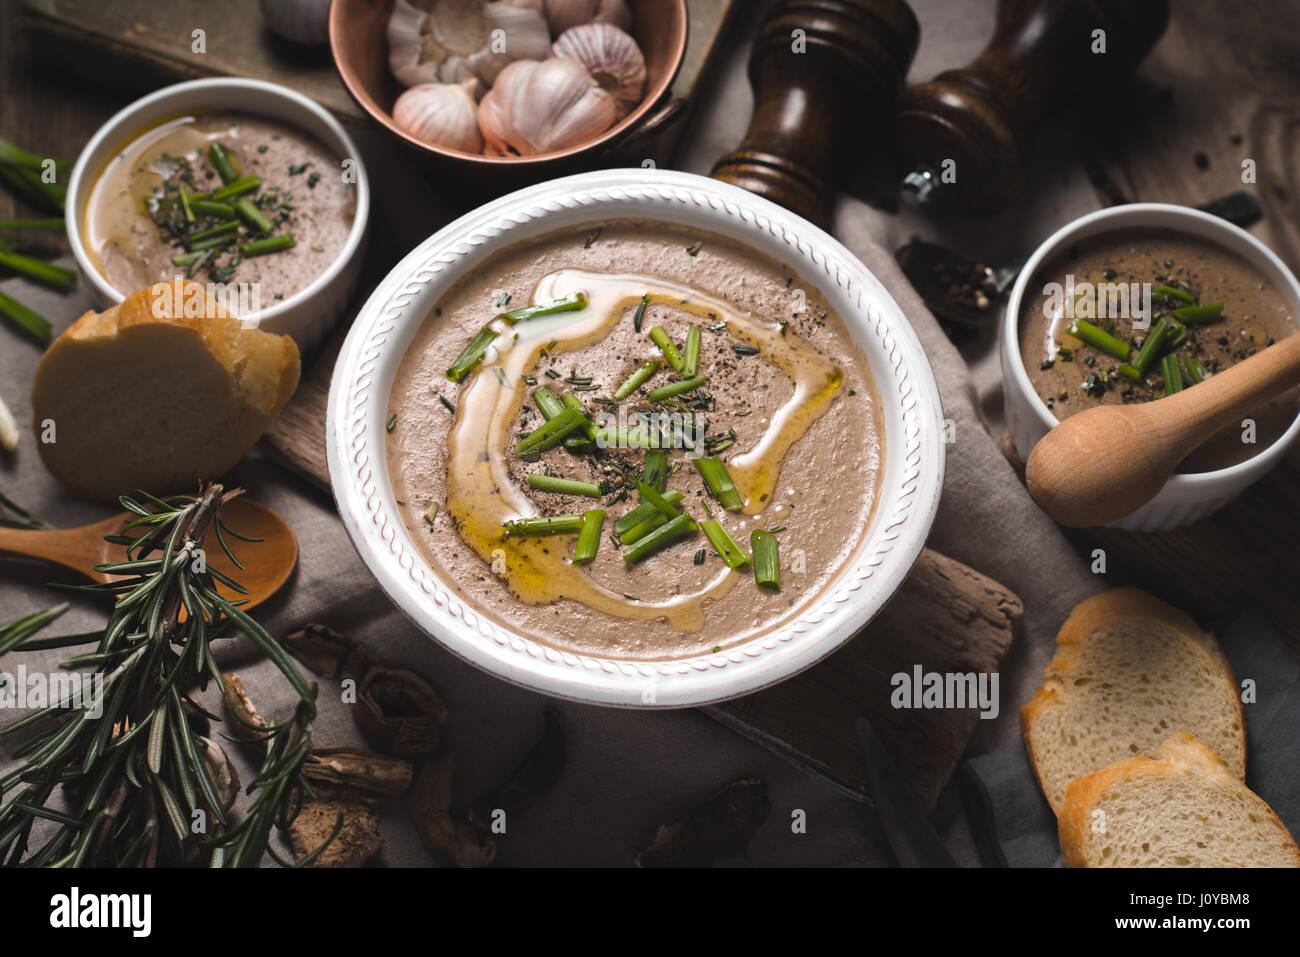 Purée de champignons dans des bols en céramique vue supérieure Photo Stock